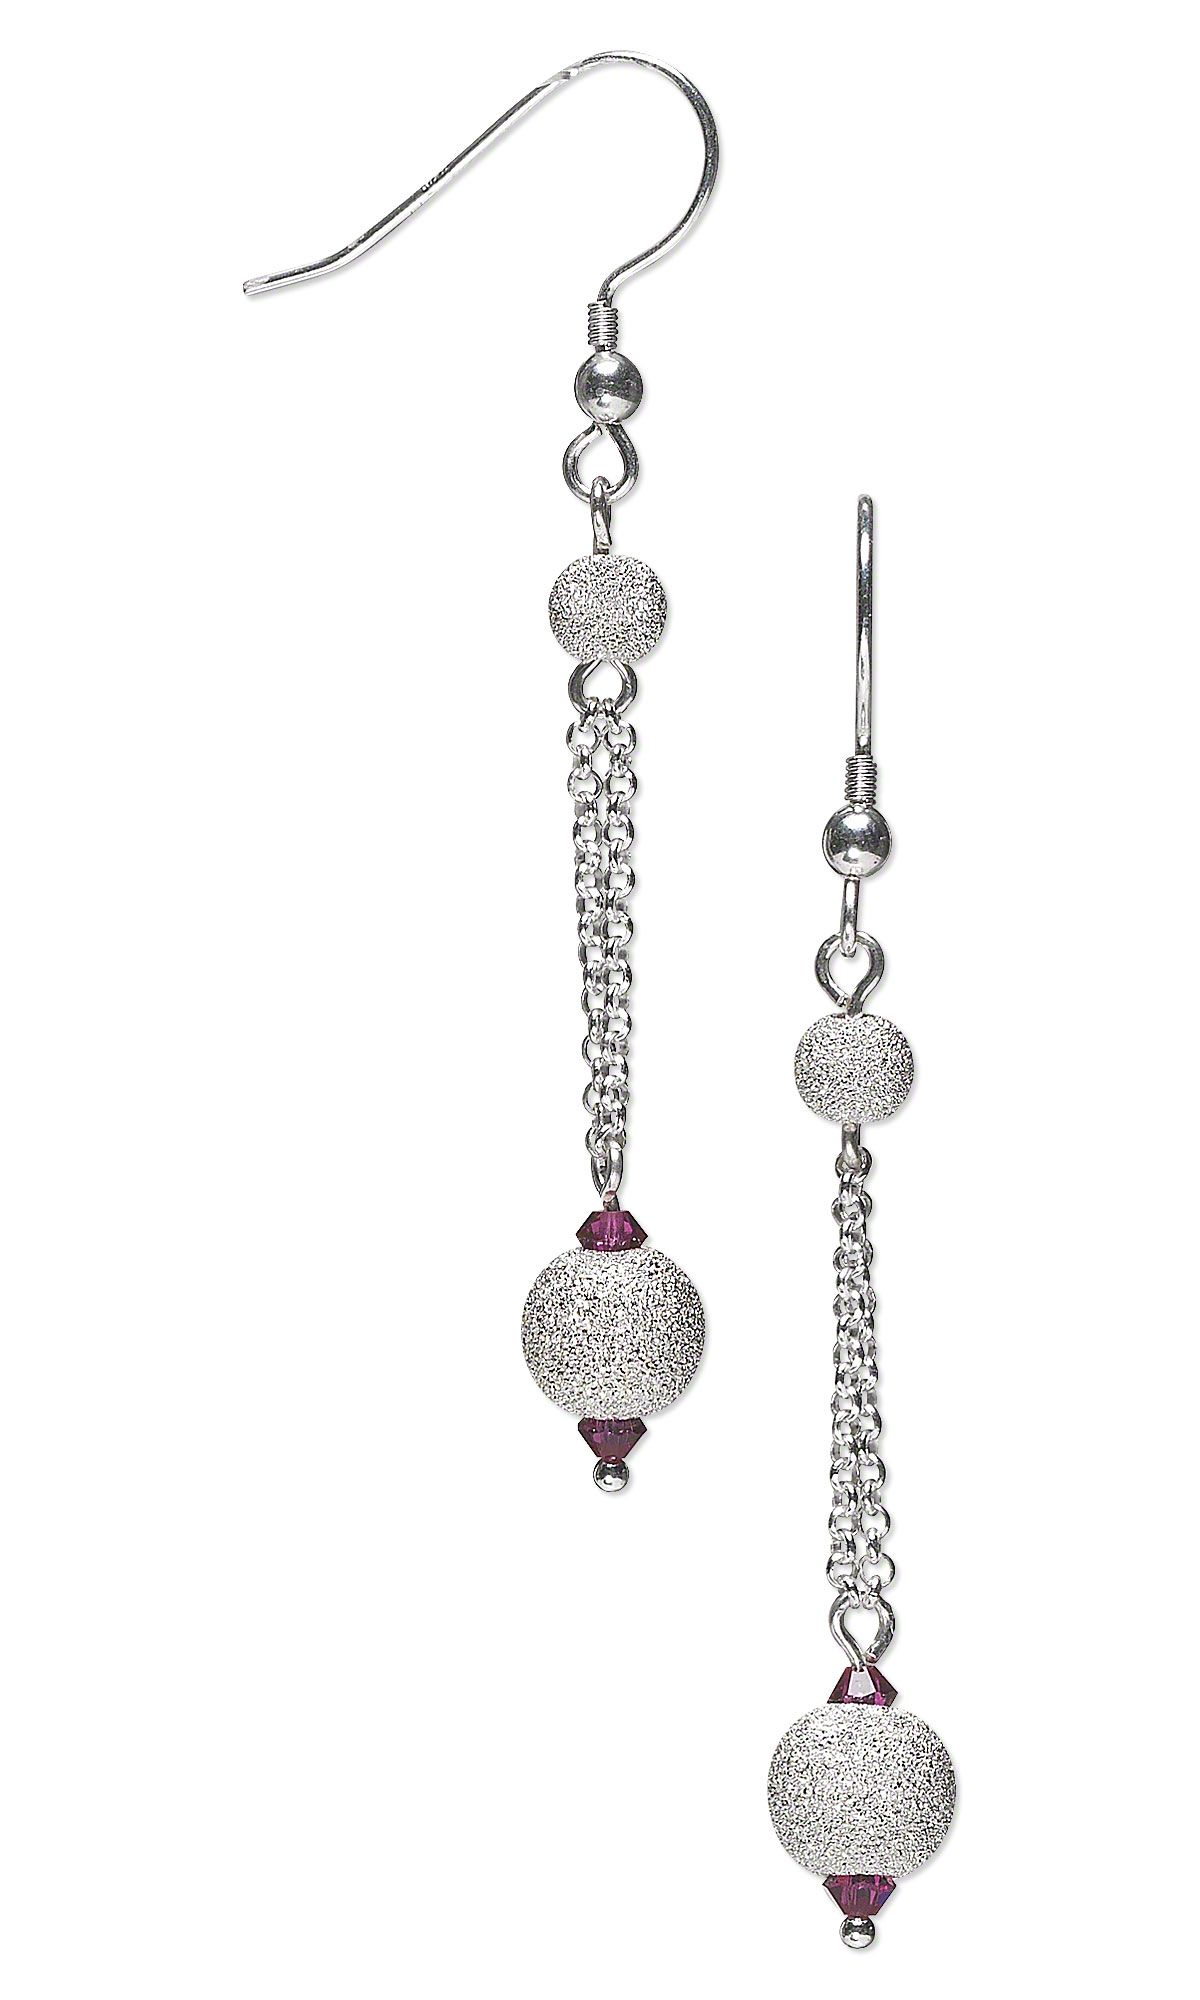 Swarovski Jewelry Design Ideas Tescar